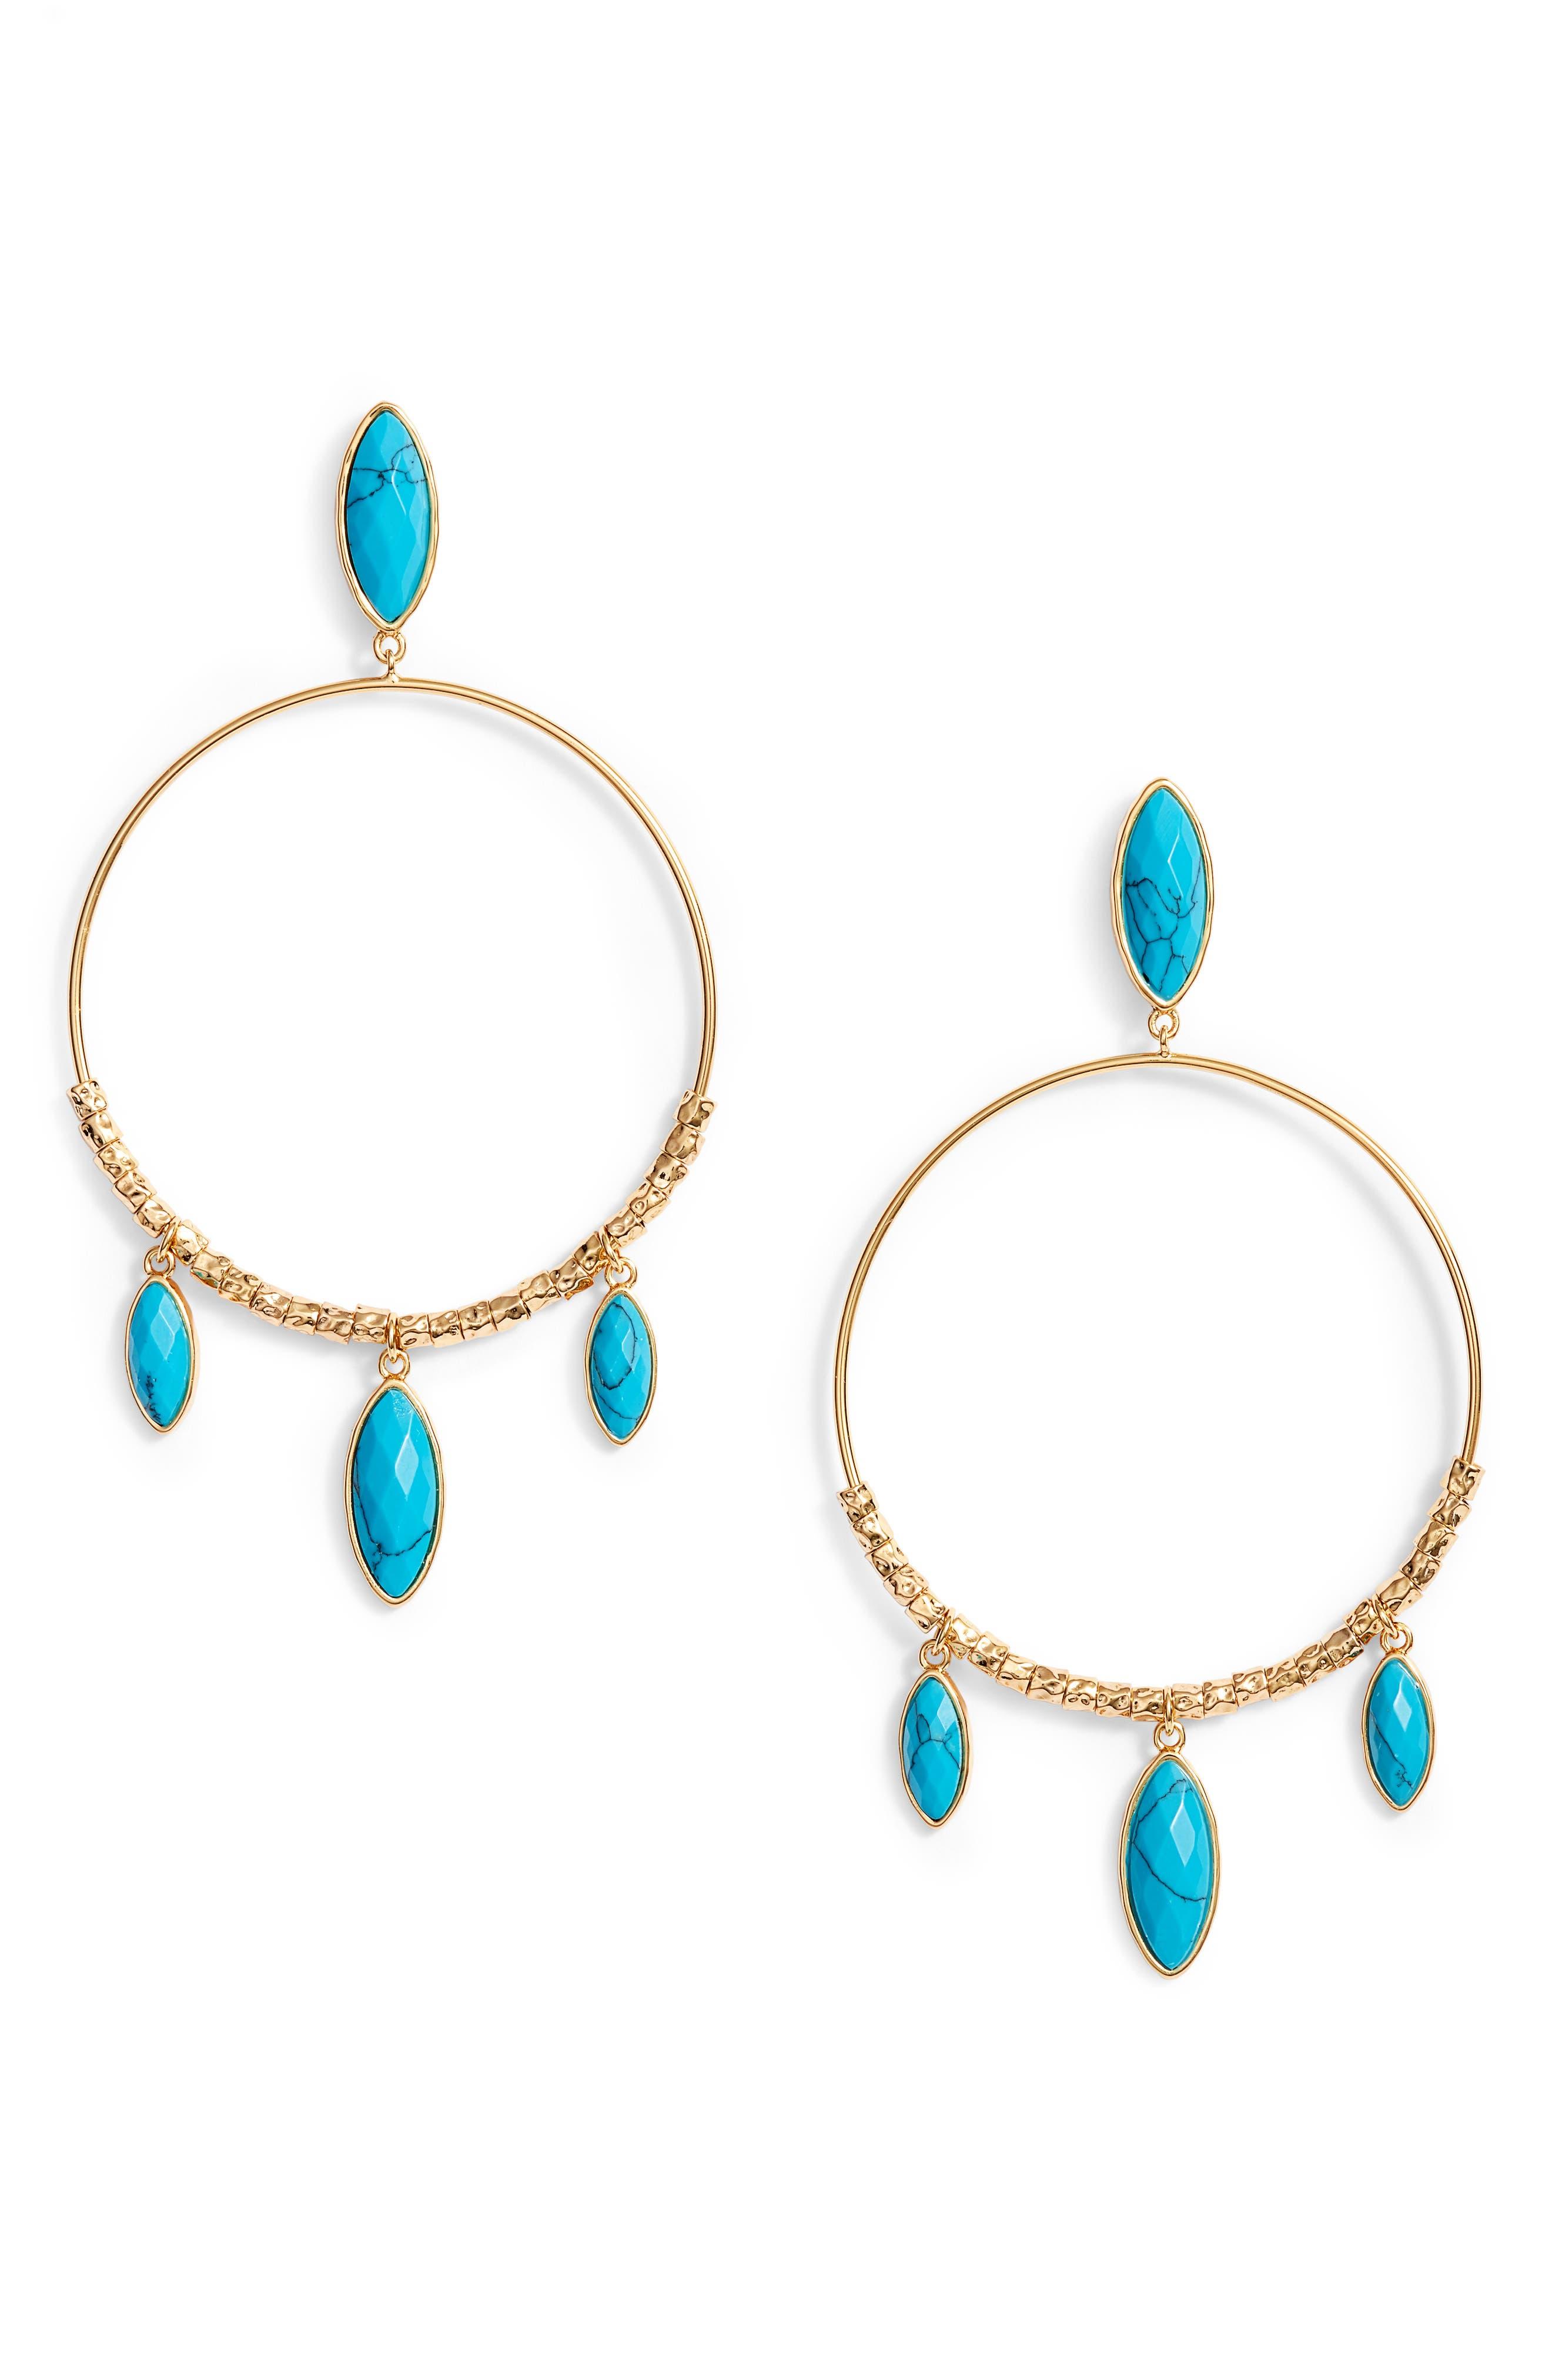 Main Image - gorjana Palisades Drop Hoop Earrings